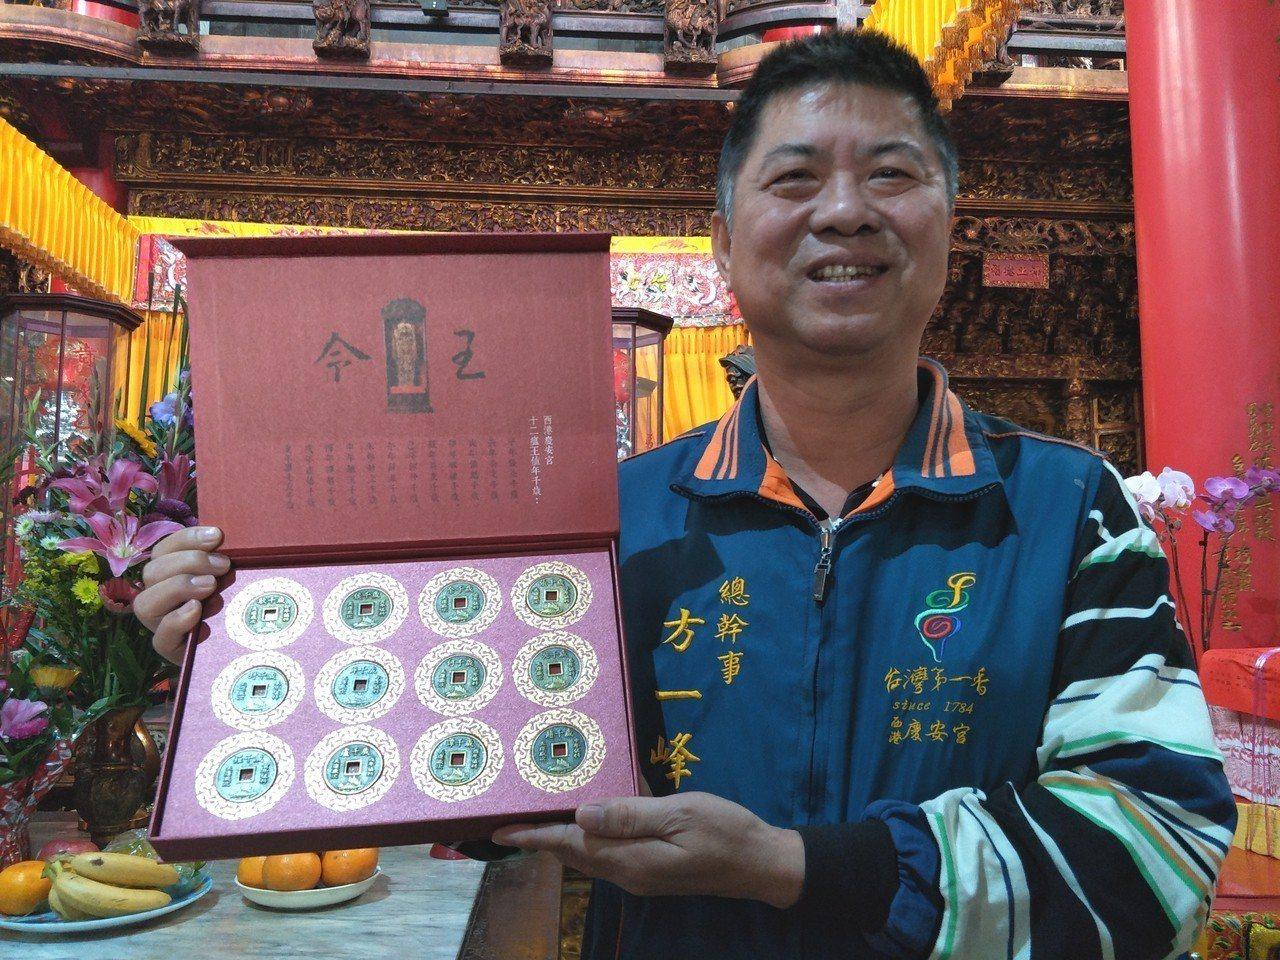 台南西港慶安宮每年歲錢圖案由不同神明輪值,總幹事方一峰秀出不同歲錢款式。記者謝進...